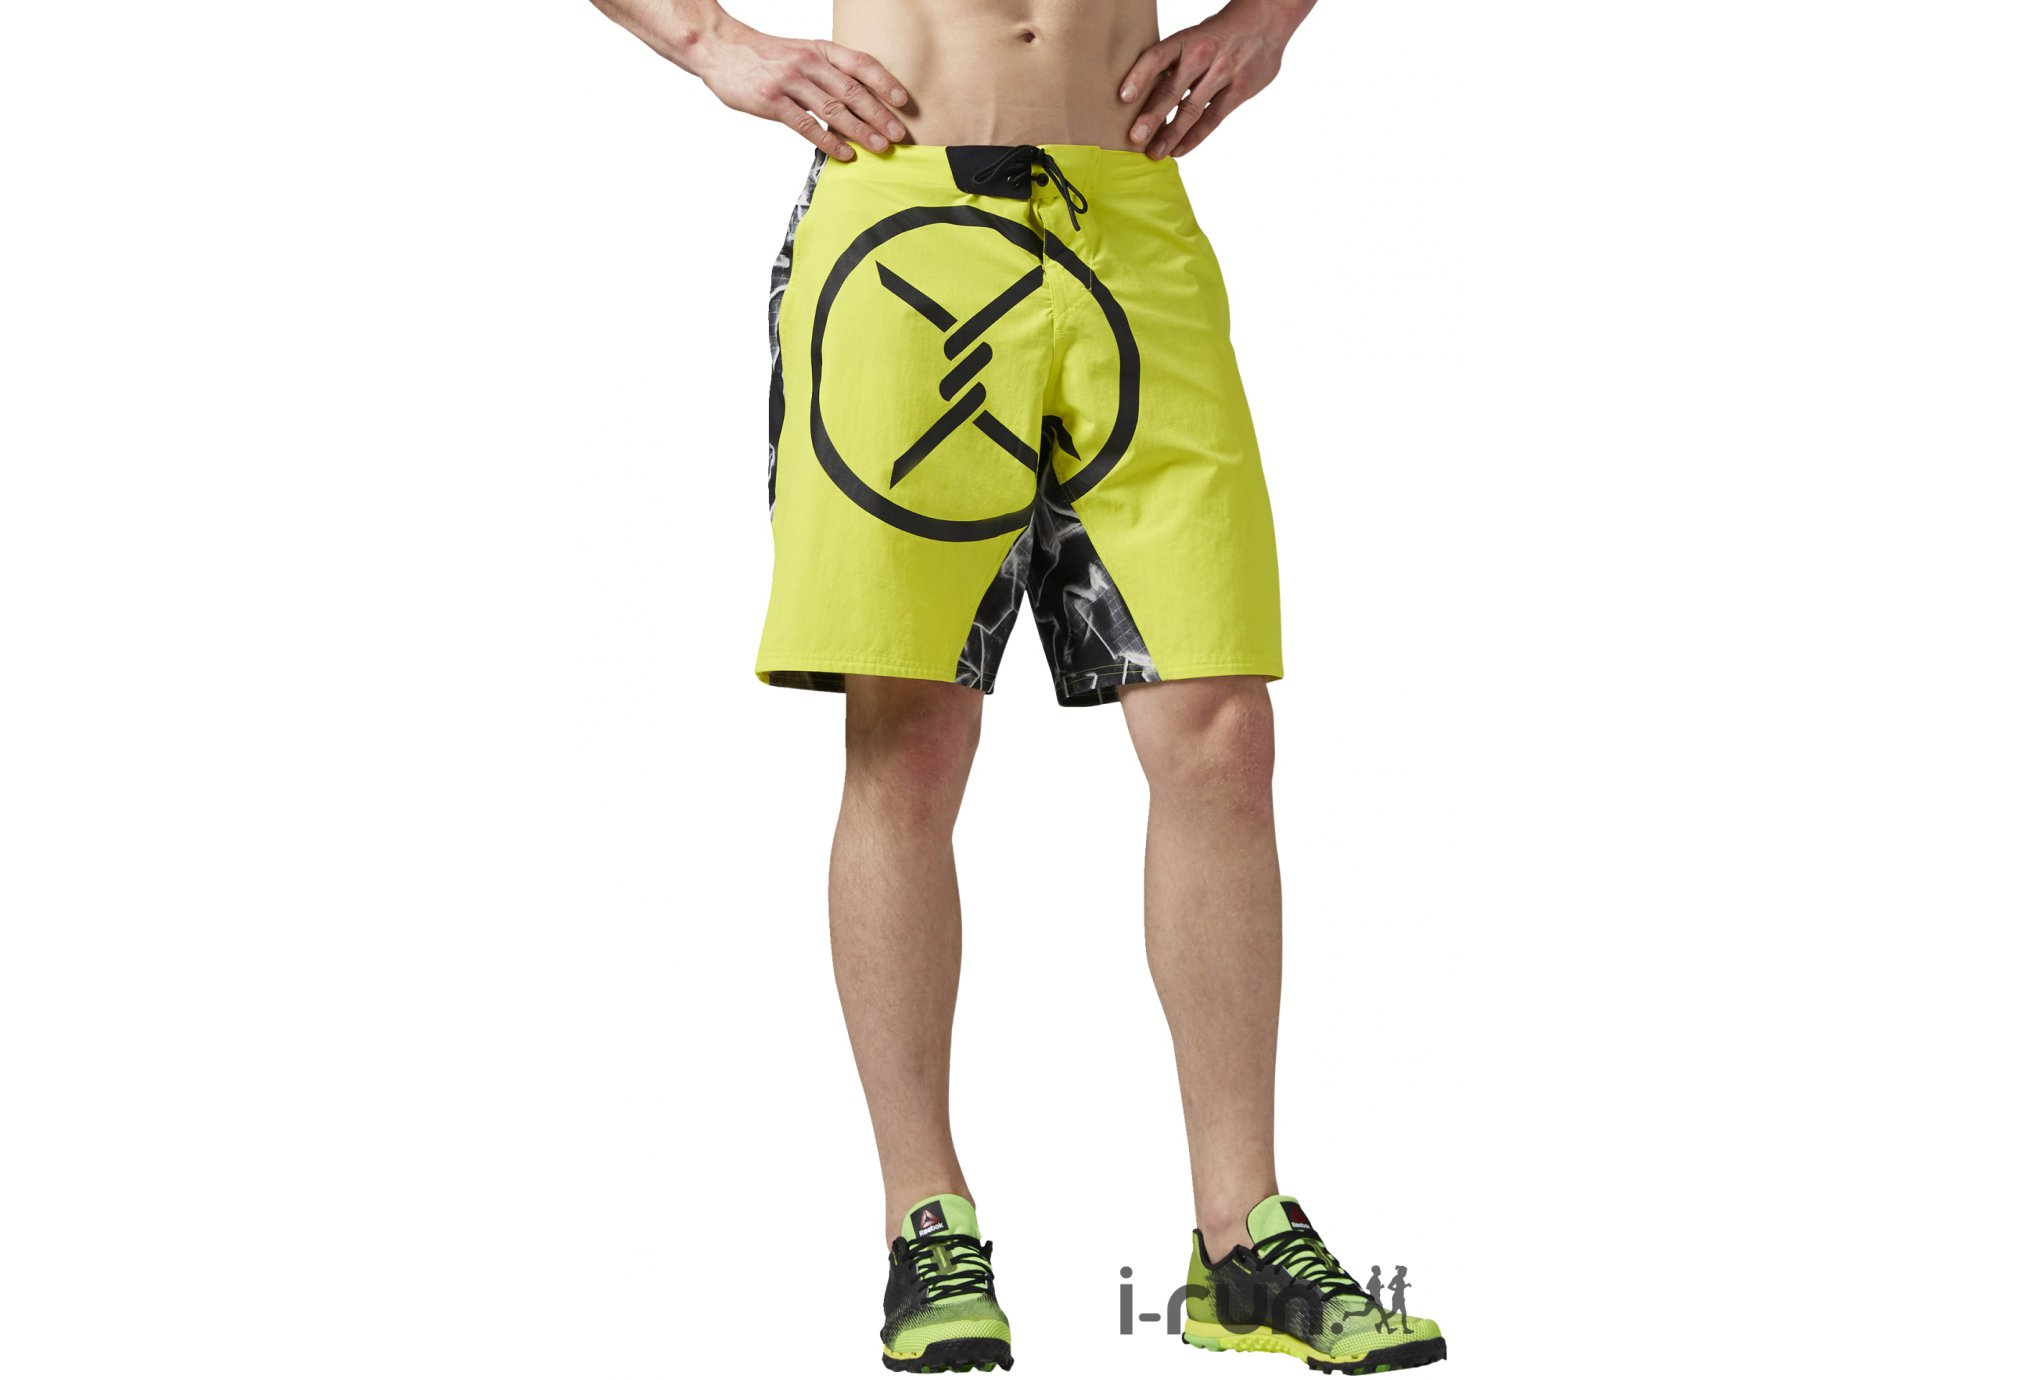 Reebok Short Spartan M vêtement running homme